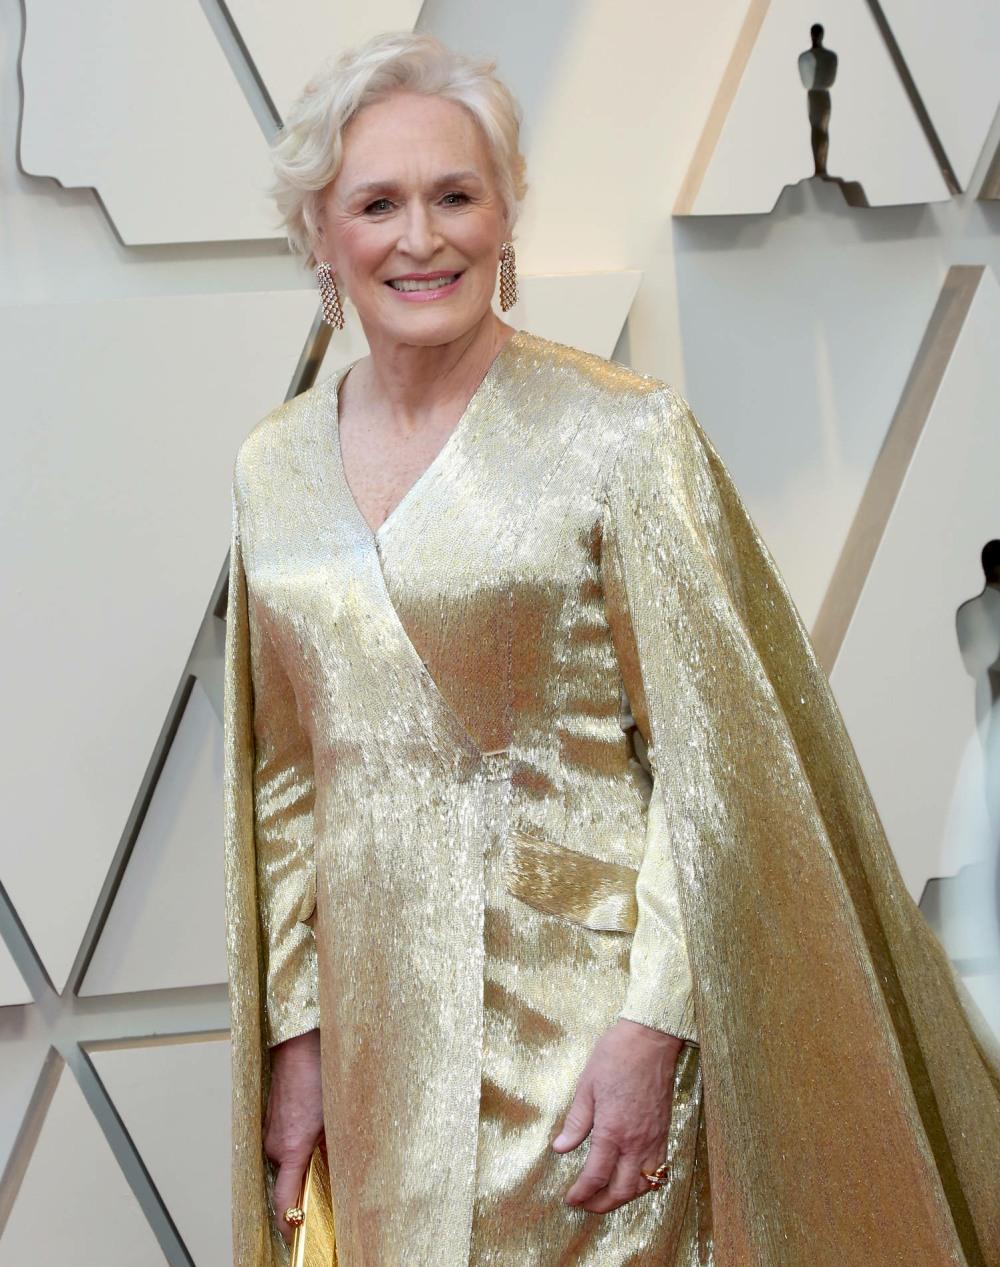 Glenn Close didn't think that Gwyneth Paltrow should have won her Best Actress Oscar